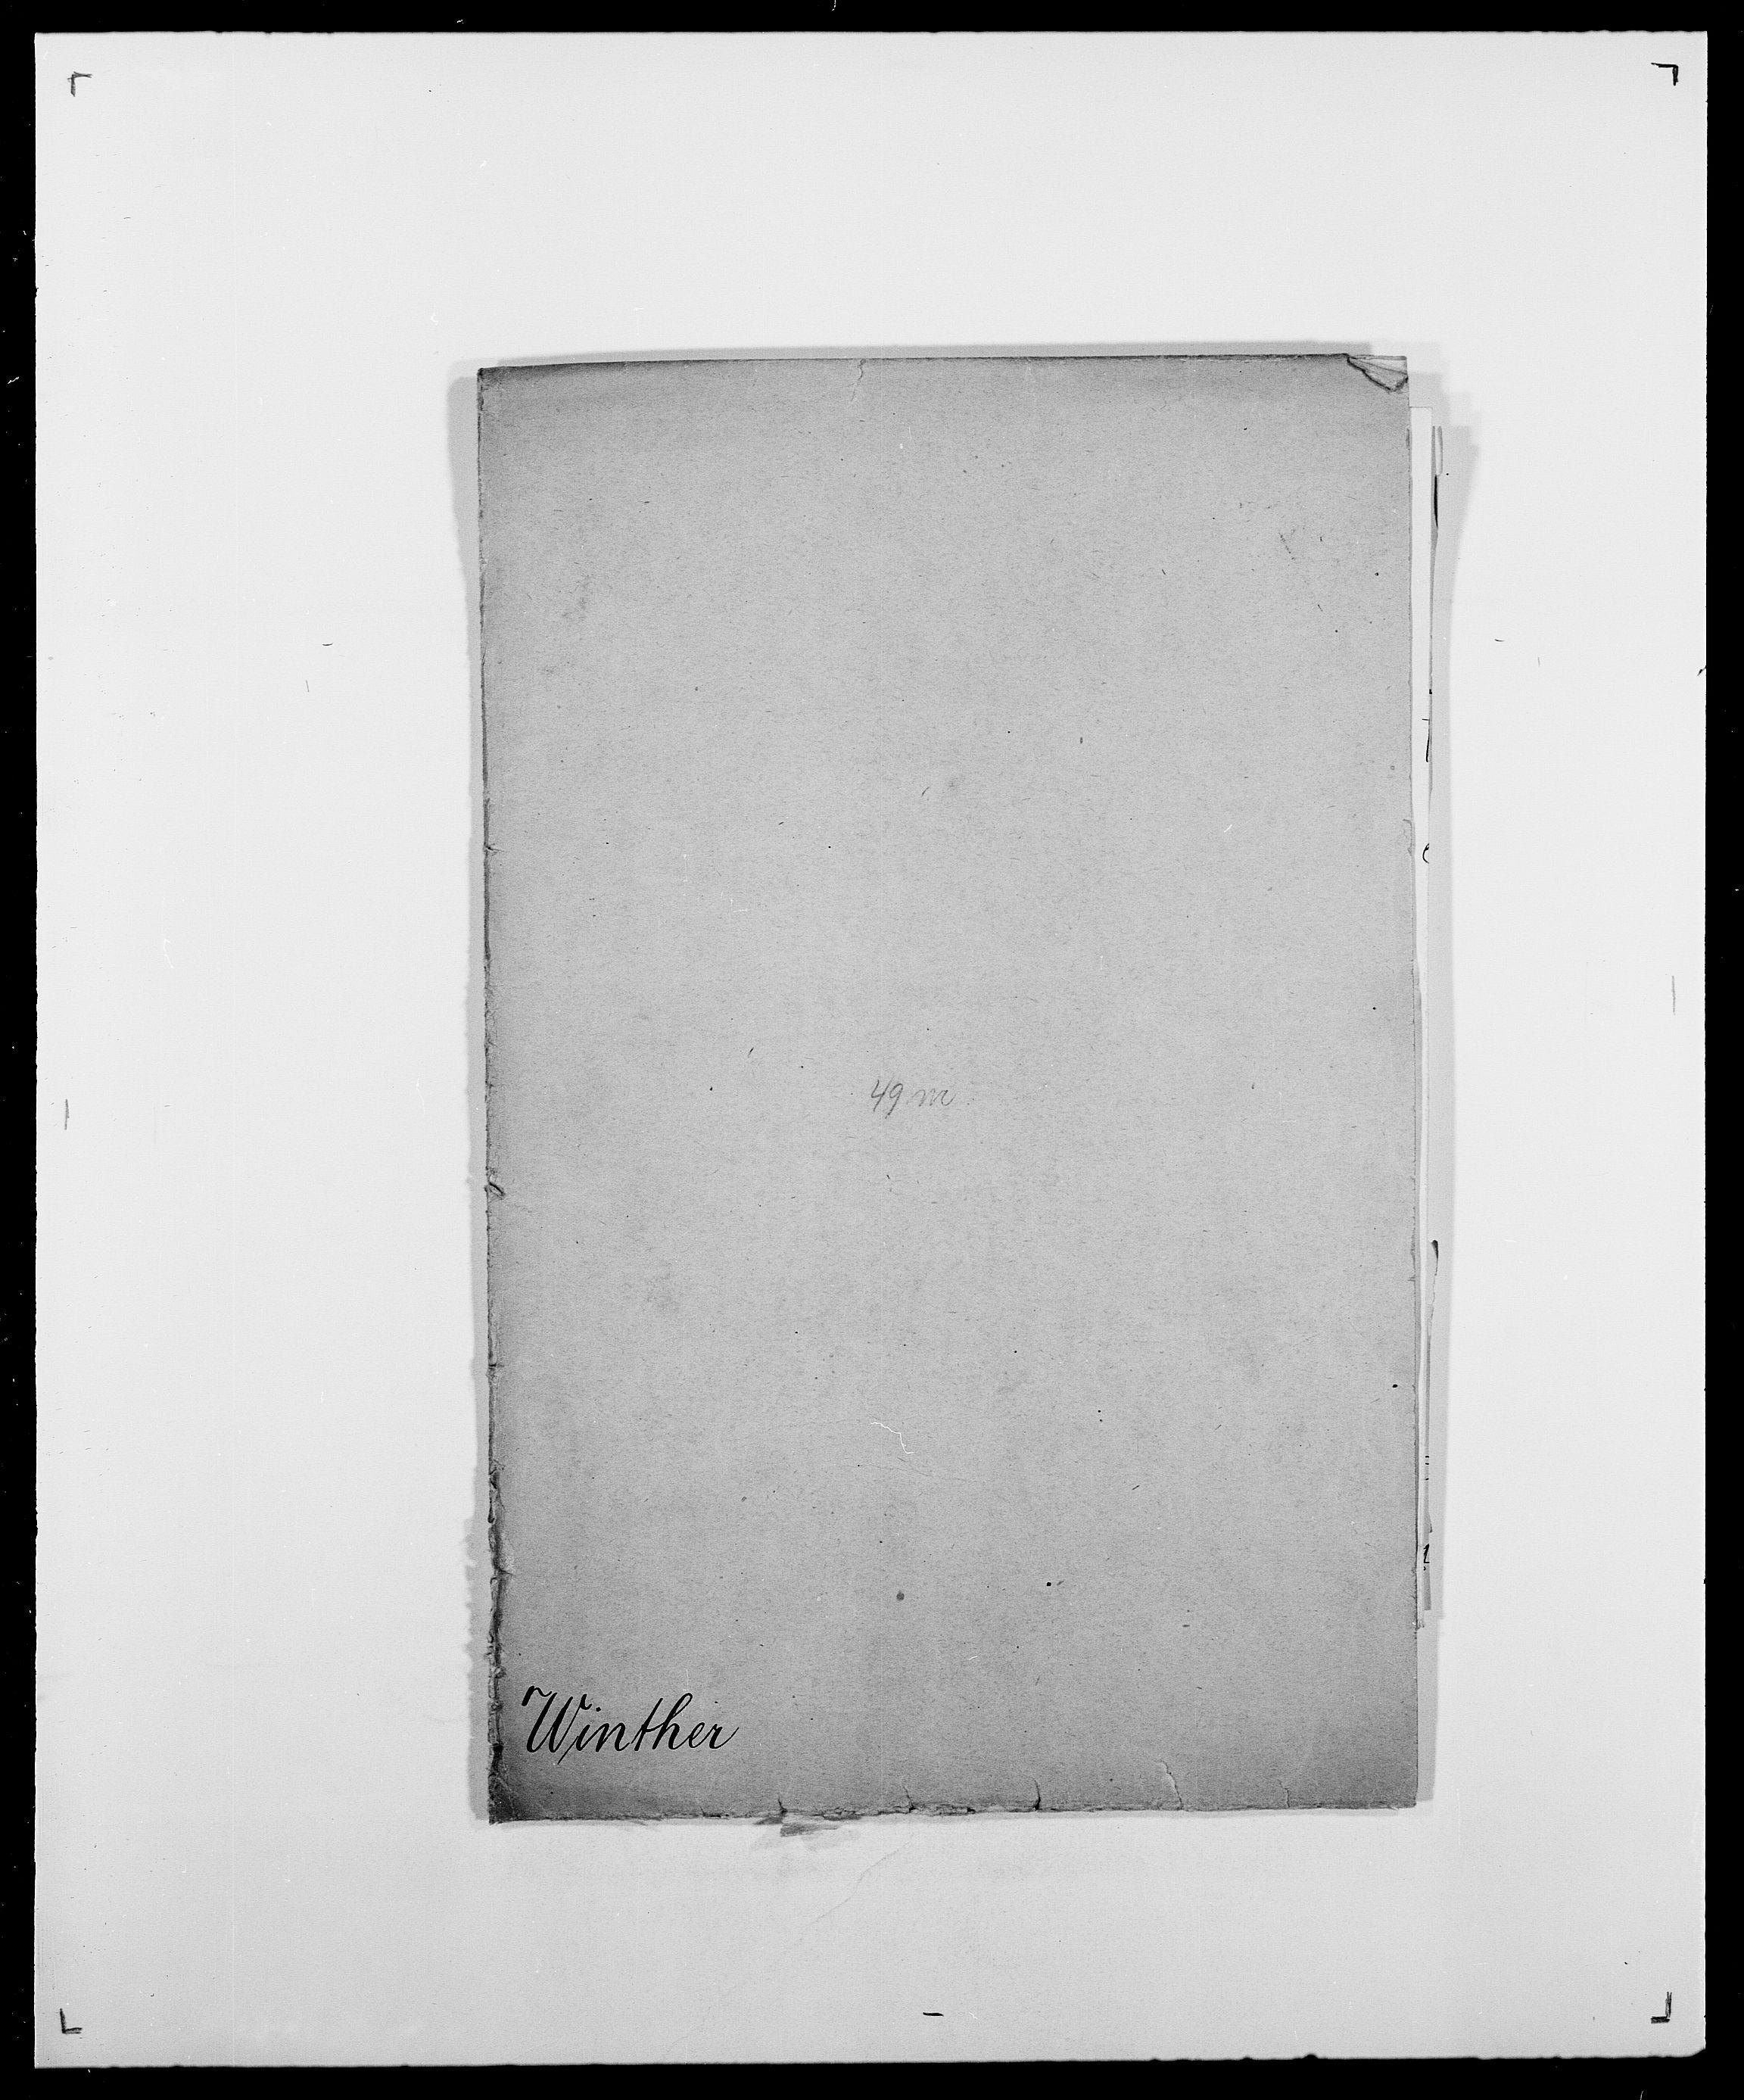 SAO, Delgobe, Charles Antoine - samling, D/Da/L0042: Vilain - Wulf, Wulff, se også Wolf, s. 298